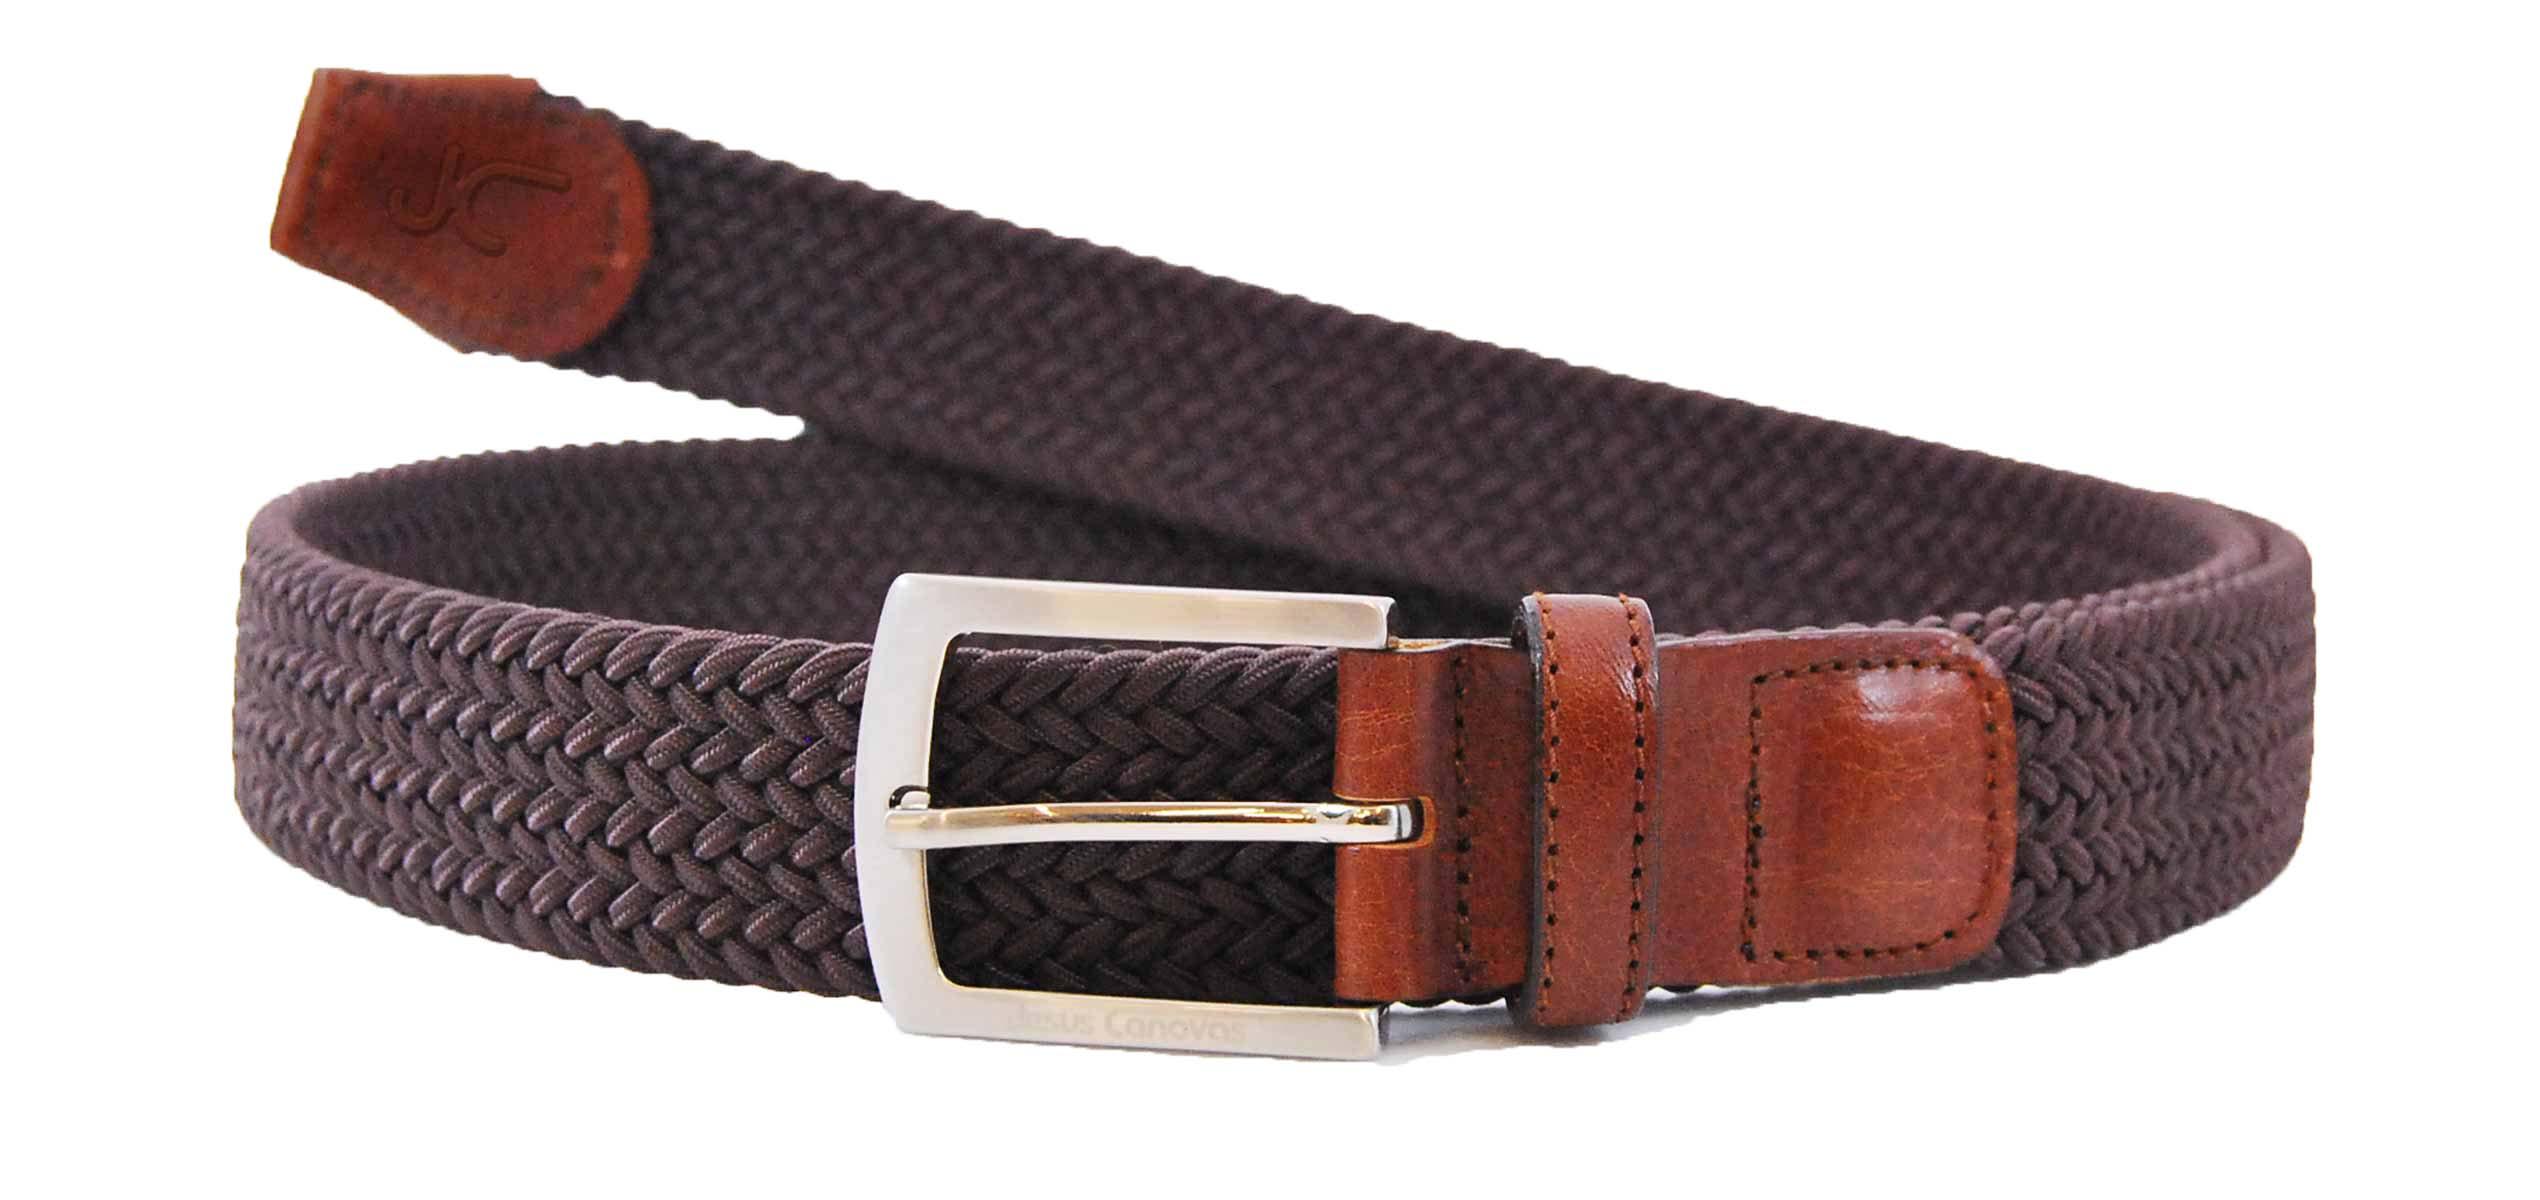 Foto 1 de Cinturon Trenzado Elastico Marrón